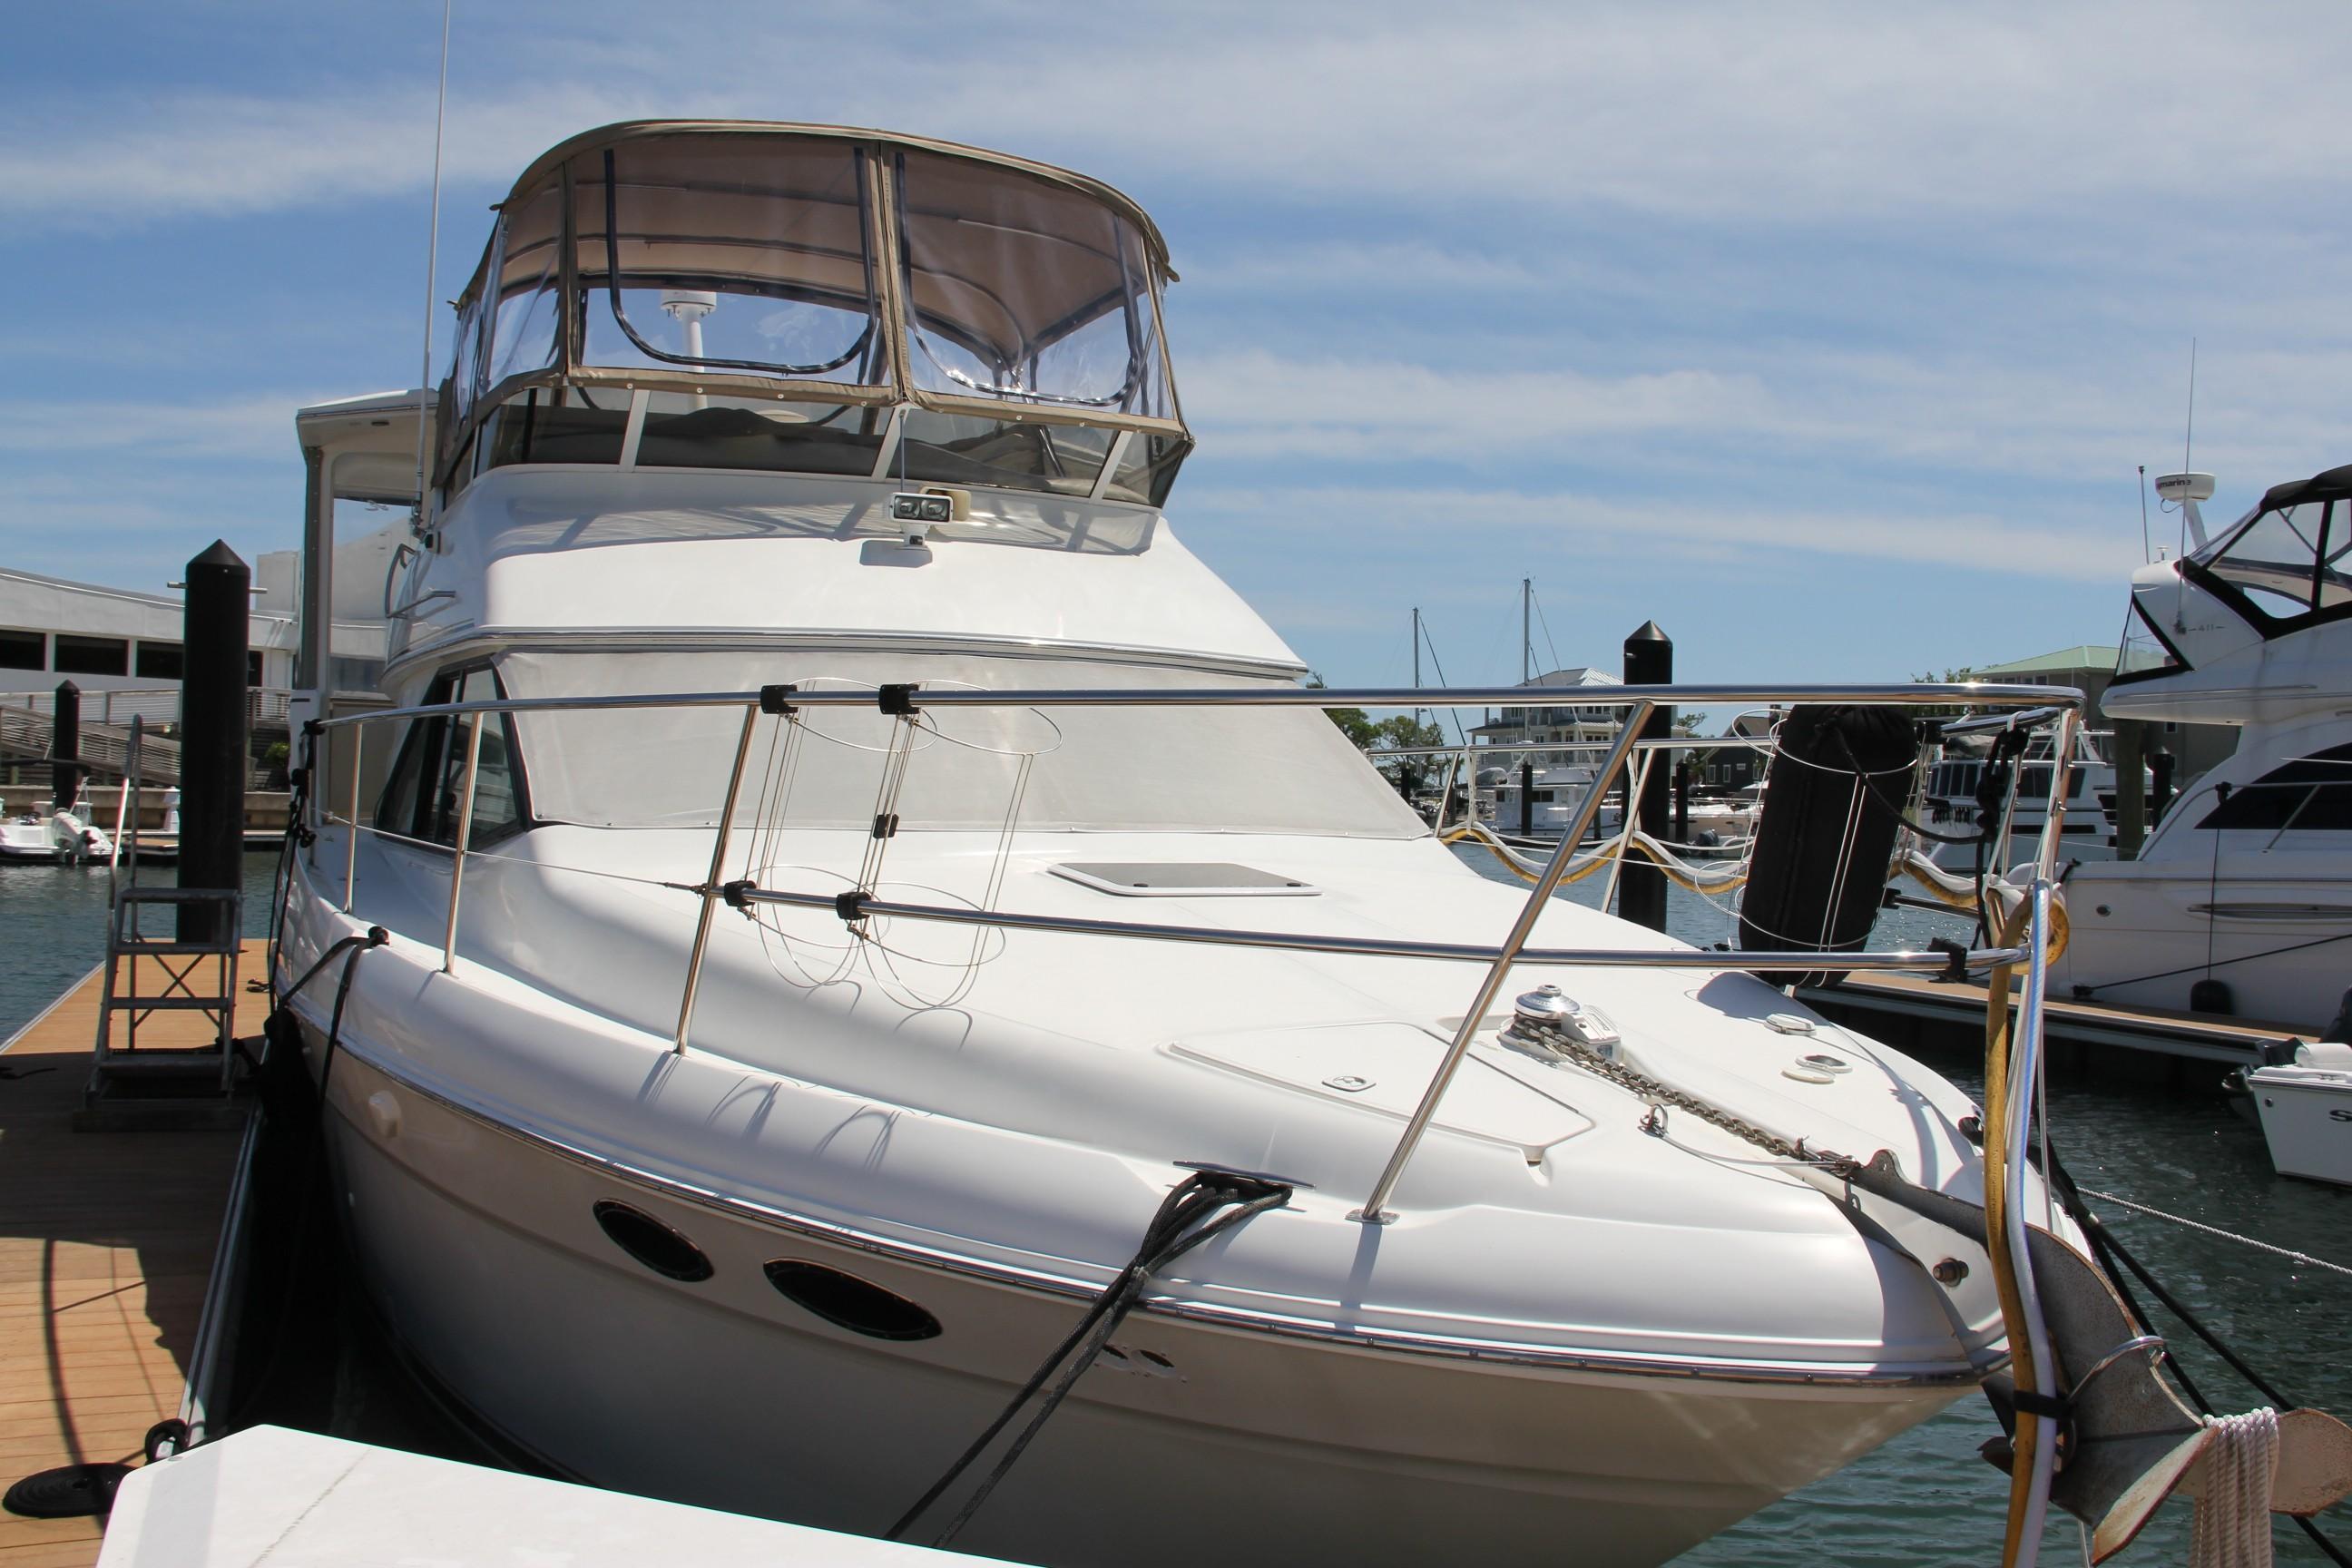 2000 Sea Ray                                                              38 AFT CABIN Image Thumbnail #1